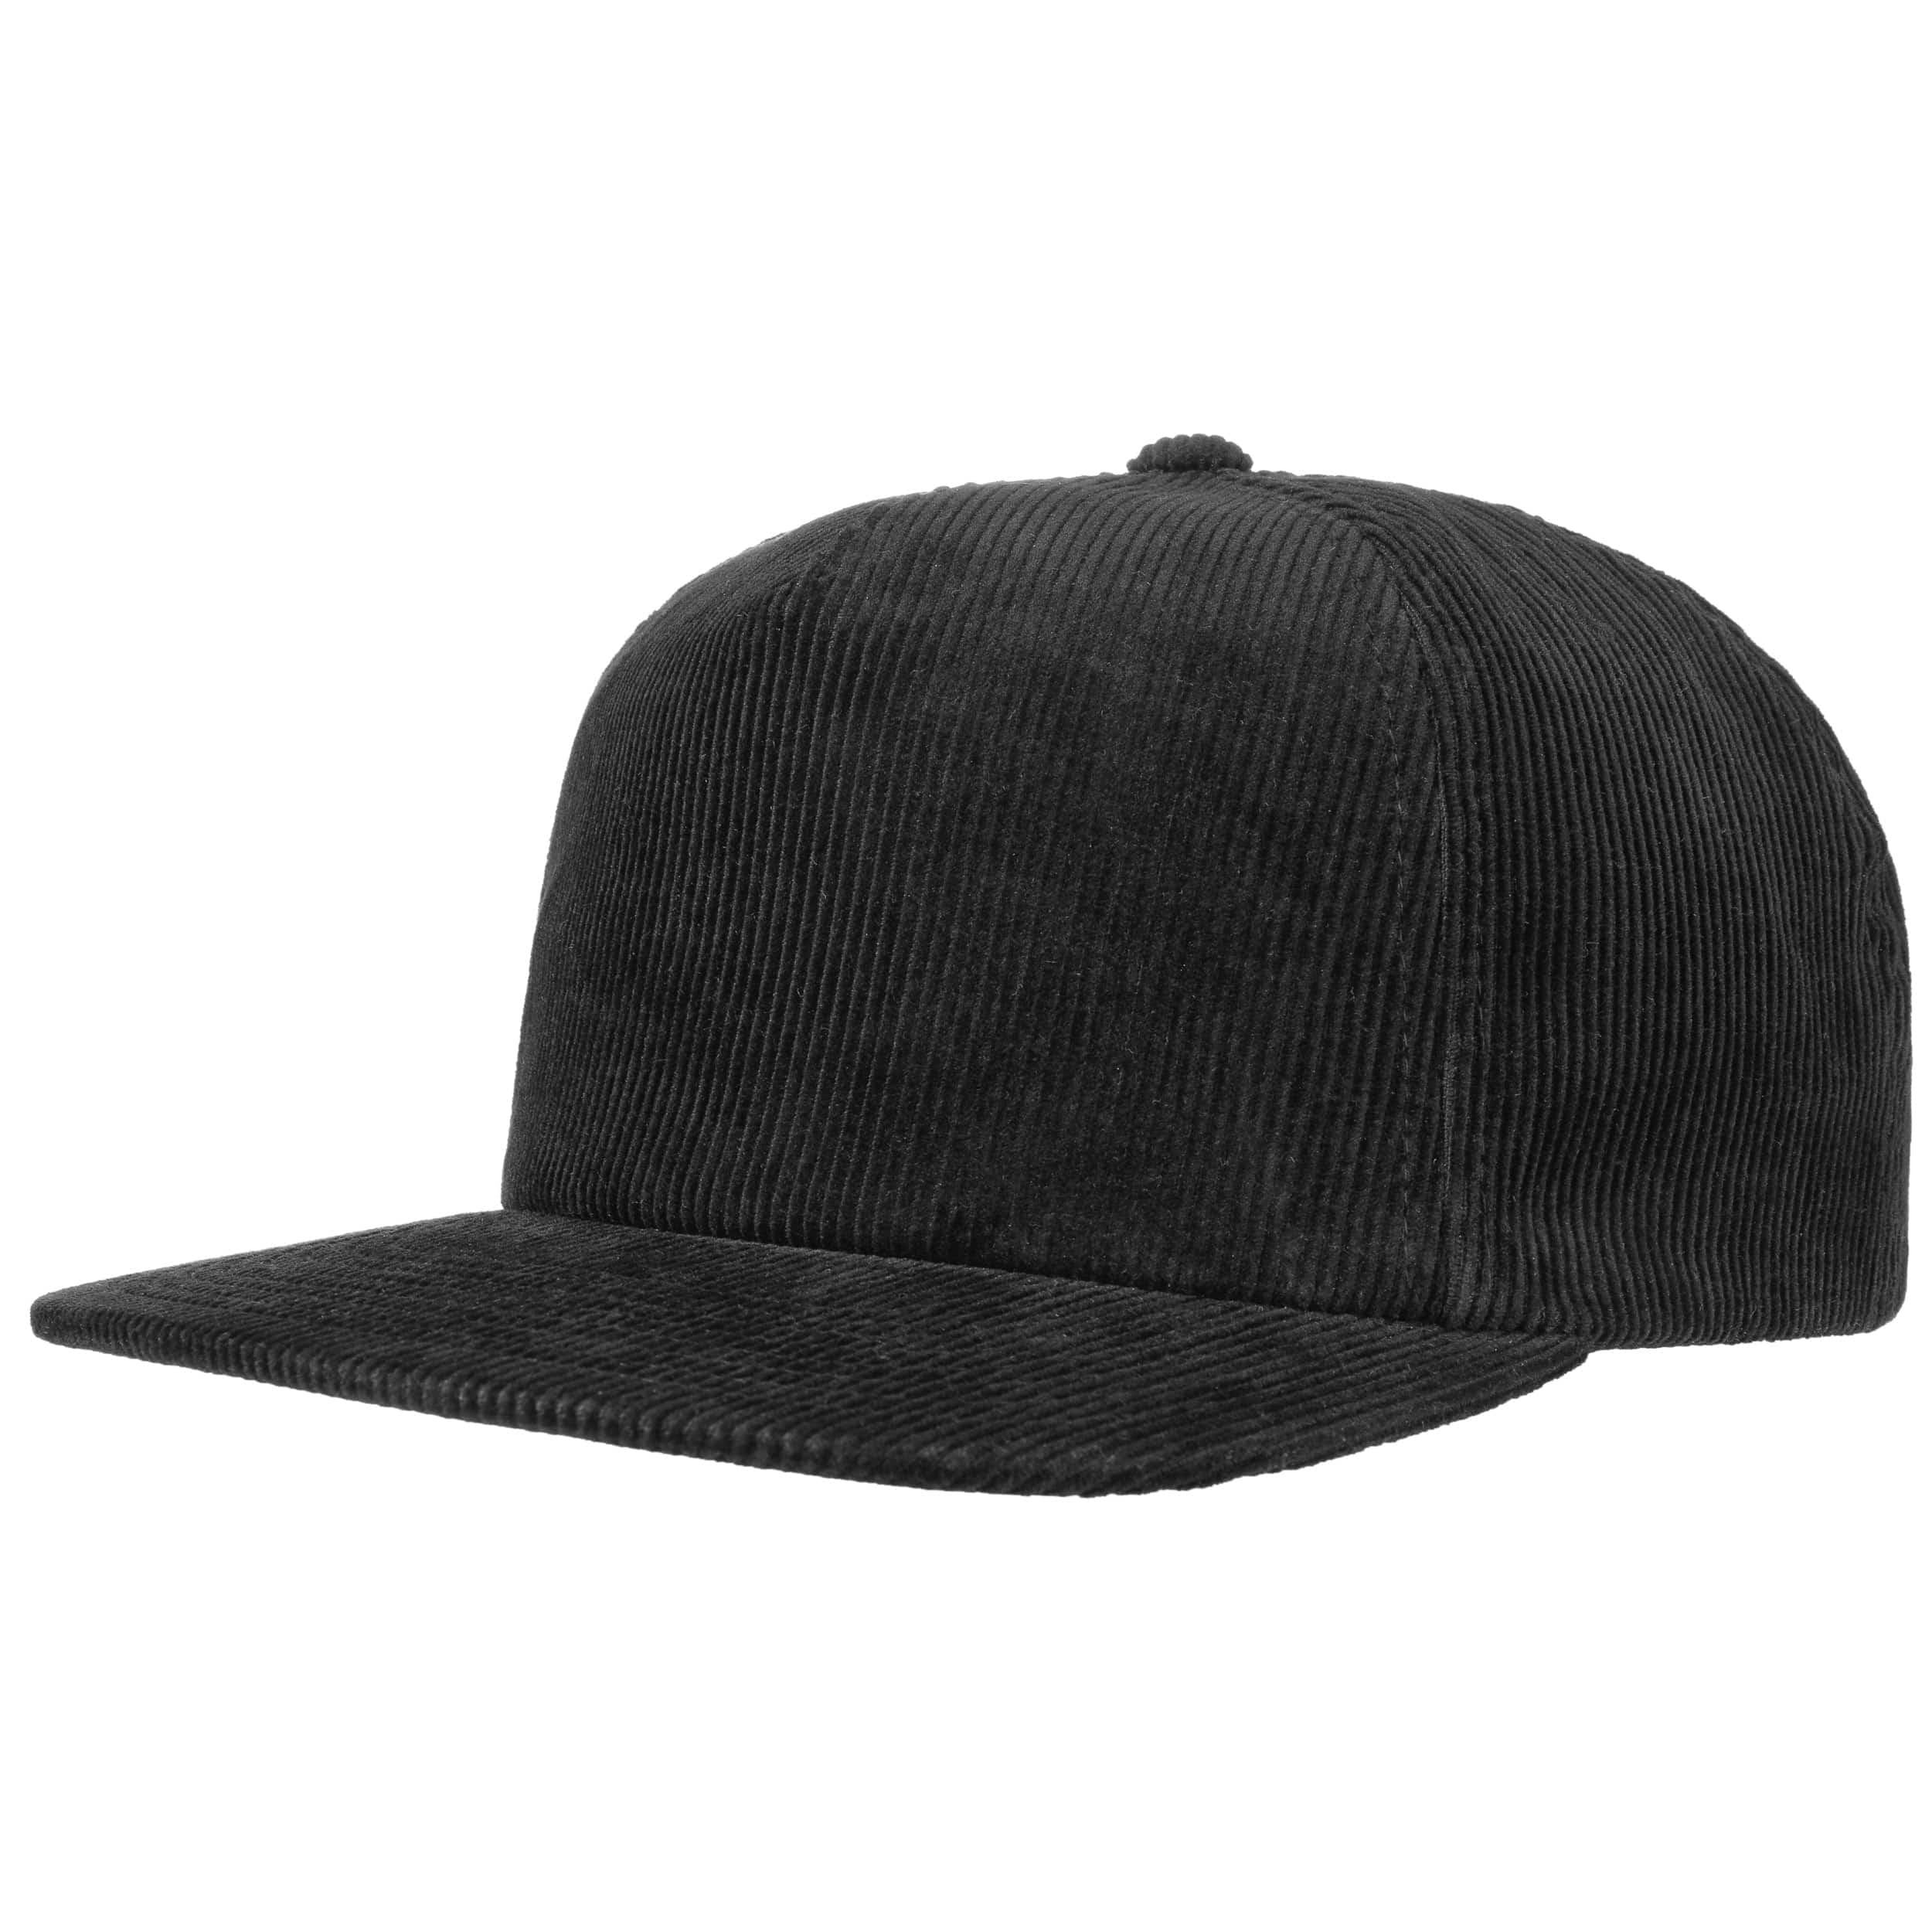 ... Premium Corduroy Snapback Cap - black 5 ab6b9c363596